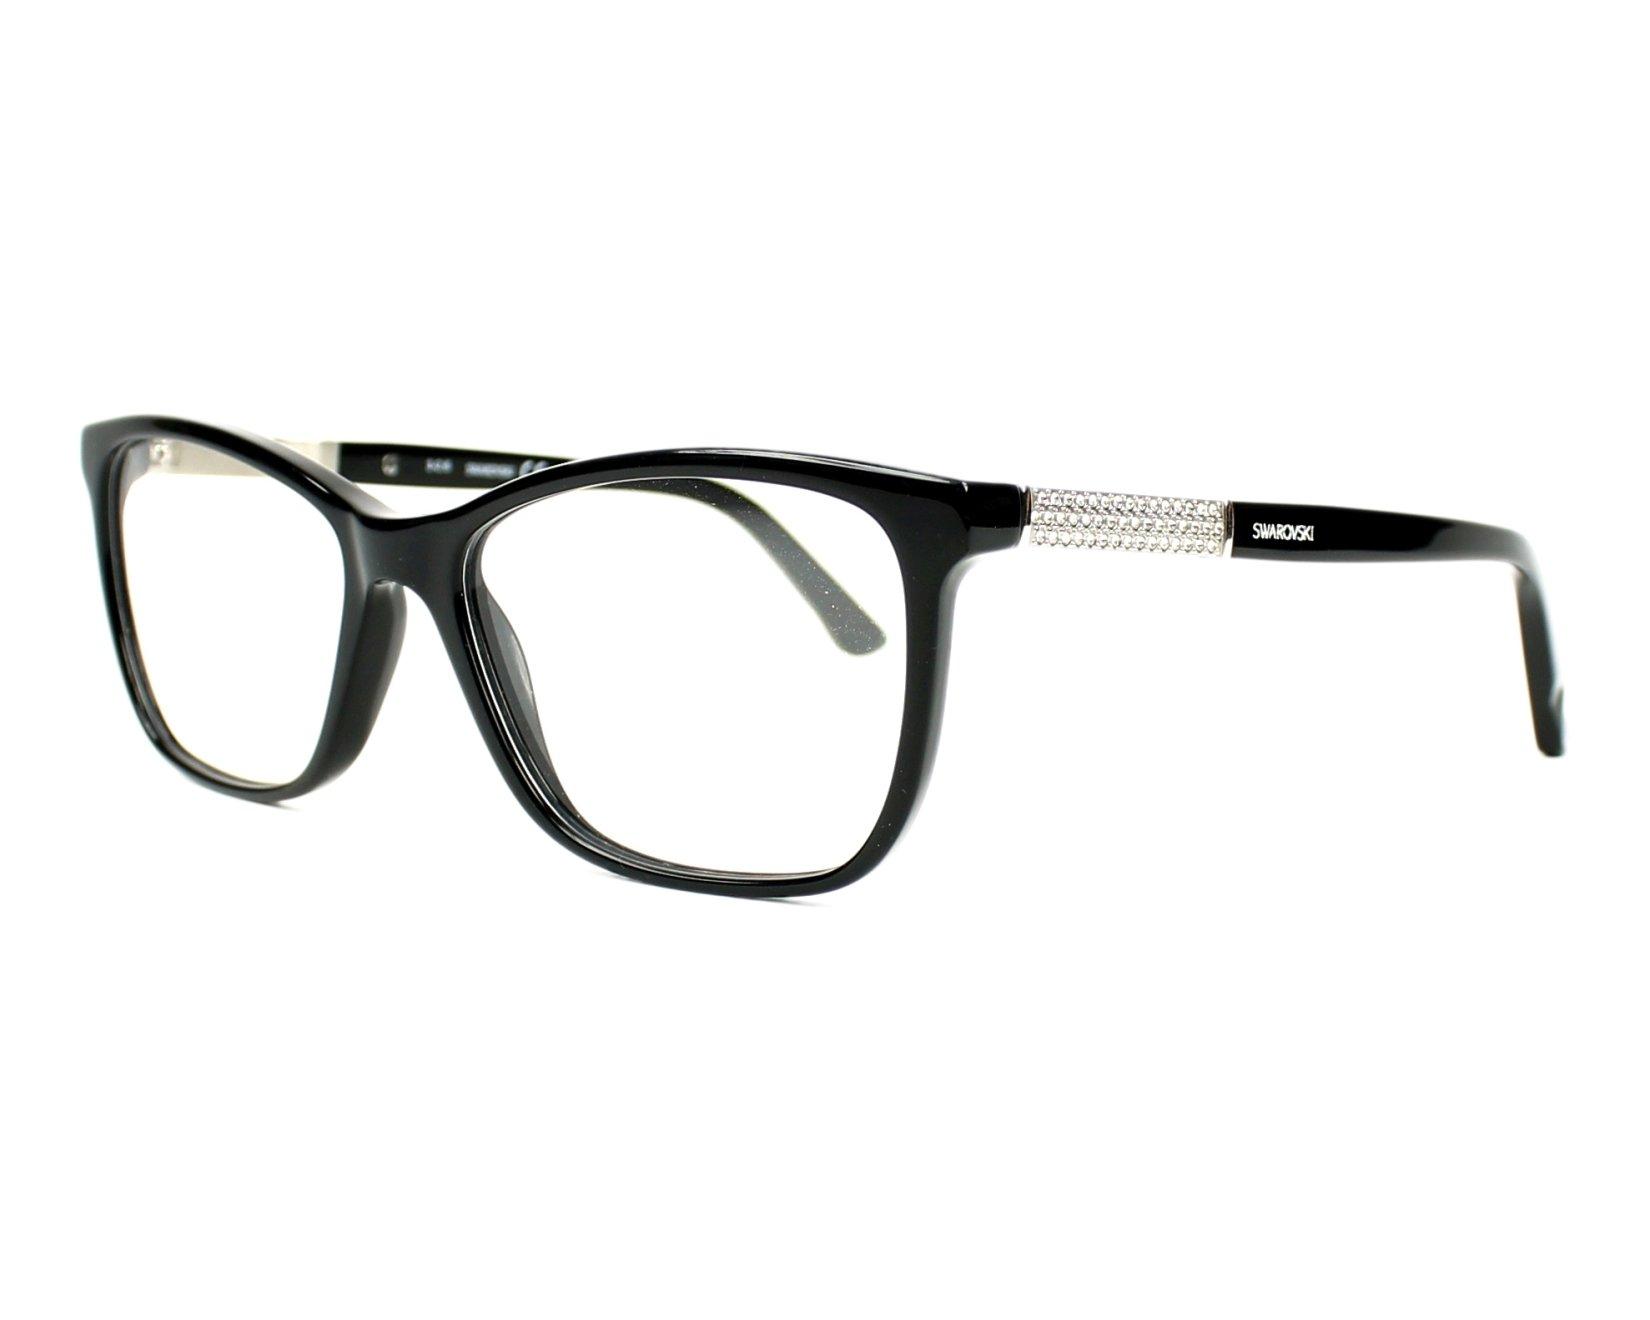 Lunettes de vue Swarovski   Montures optiques   lunettes Swarovski à ... 5ea9dbcec296